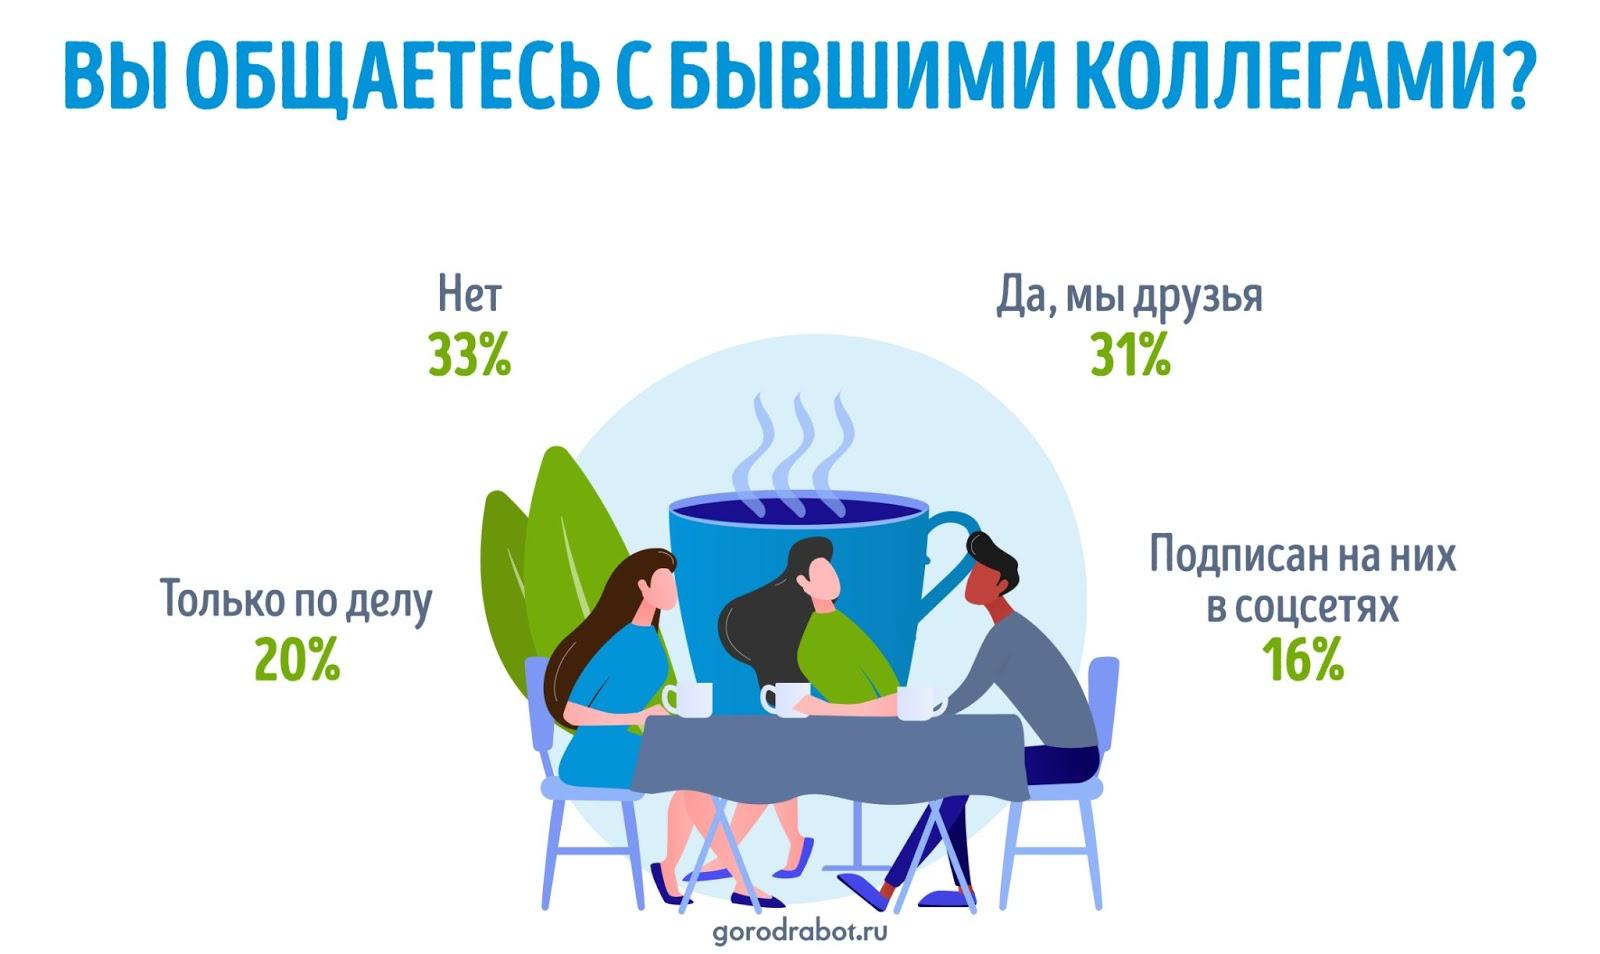 Россияне рассказали, как меняются отношения с коллегами после увольнения